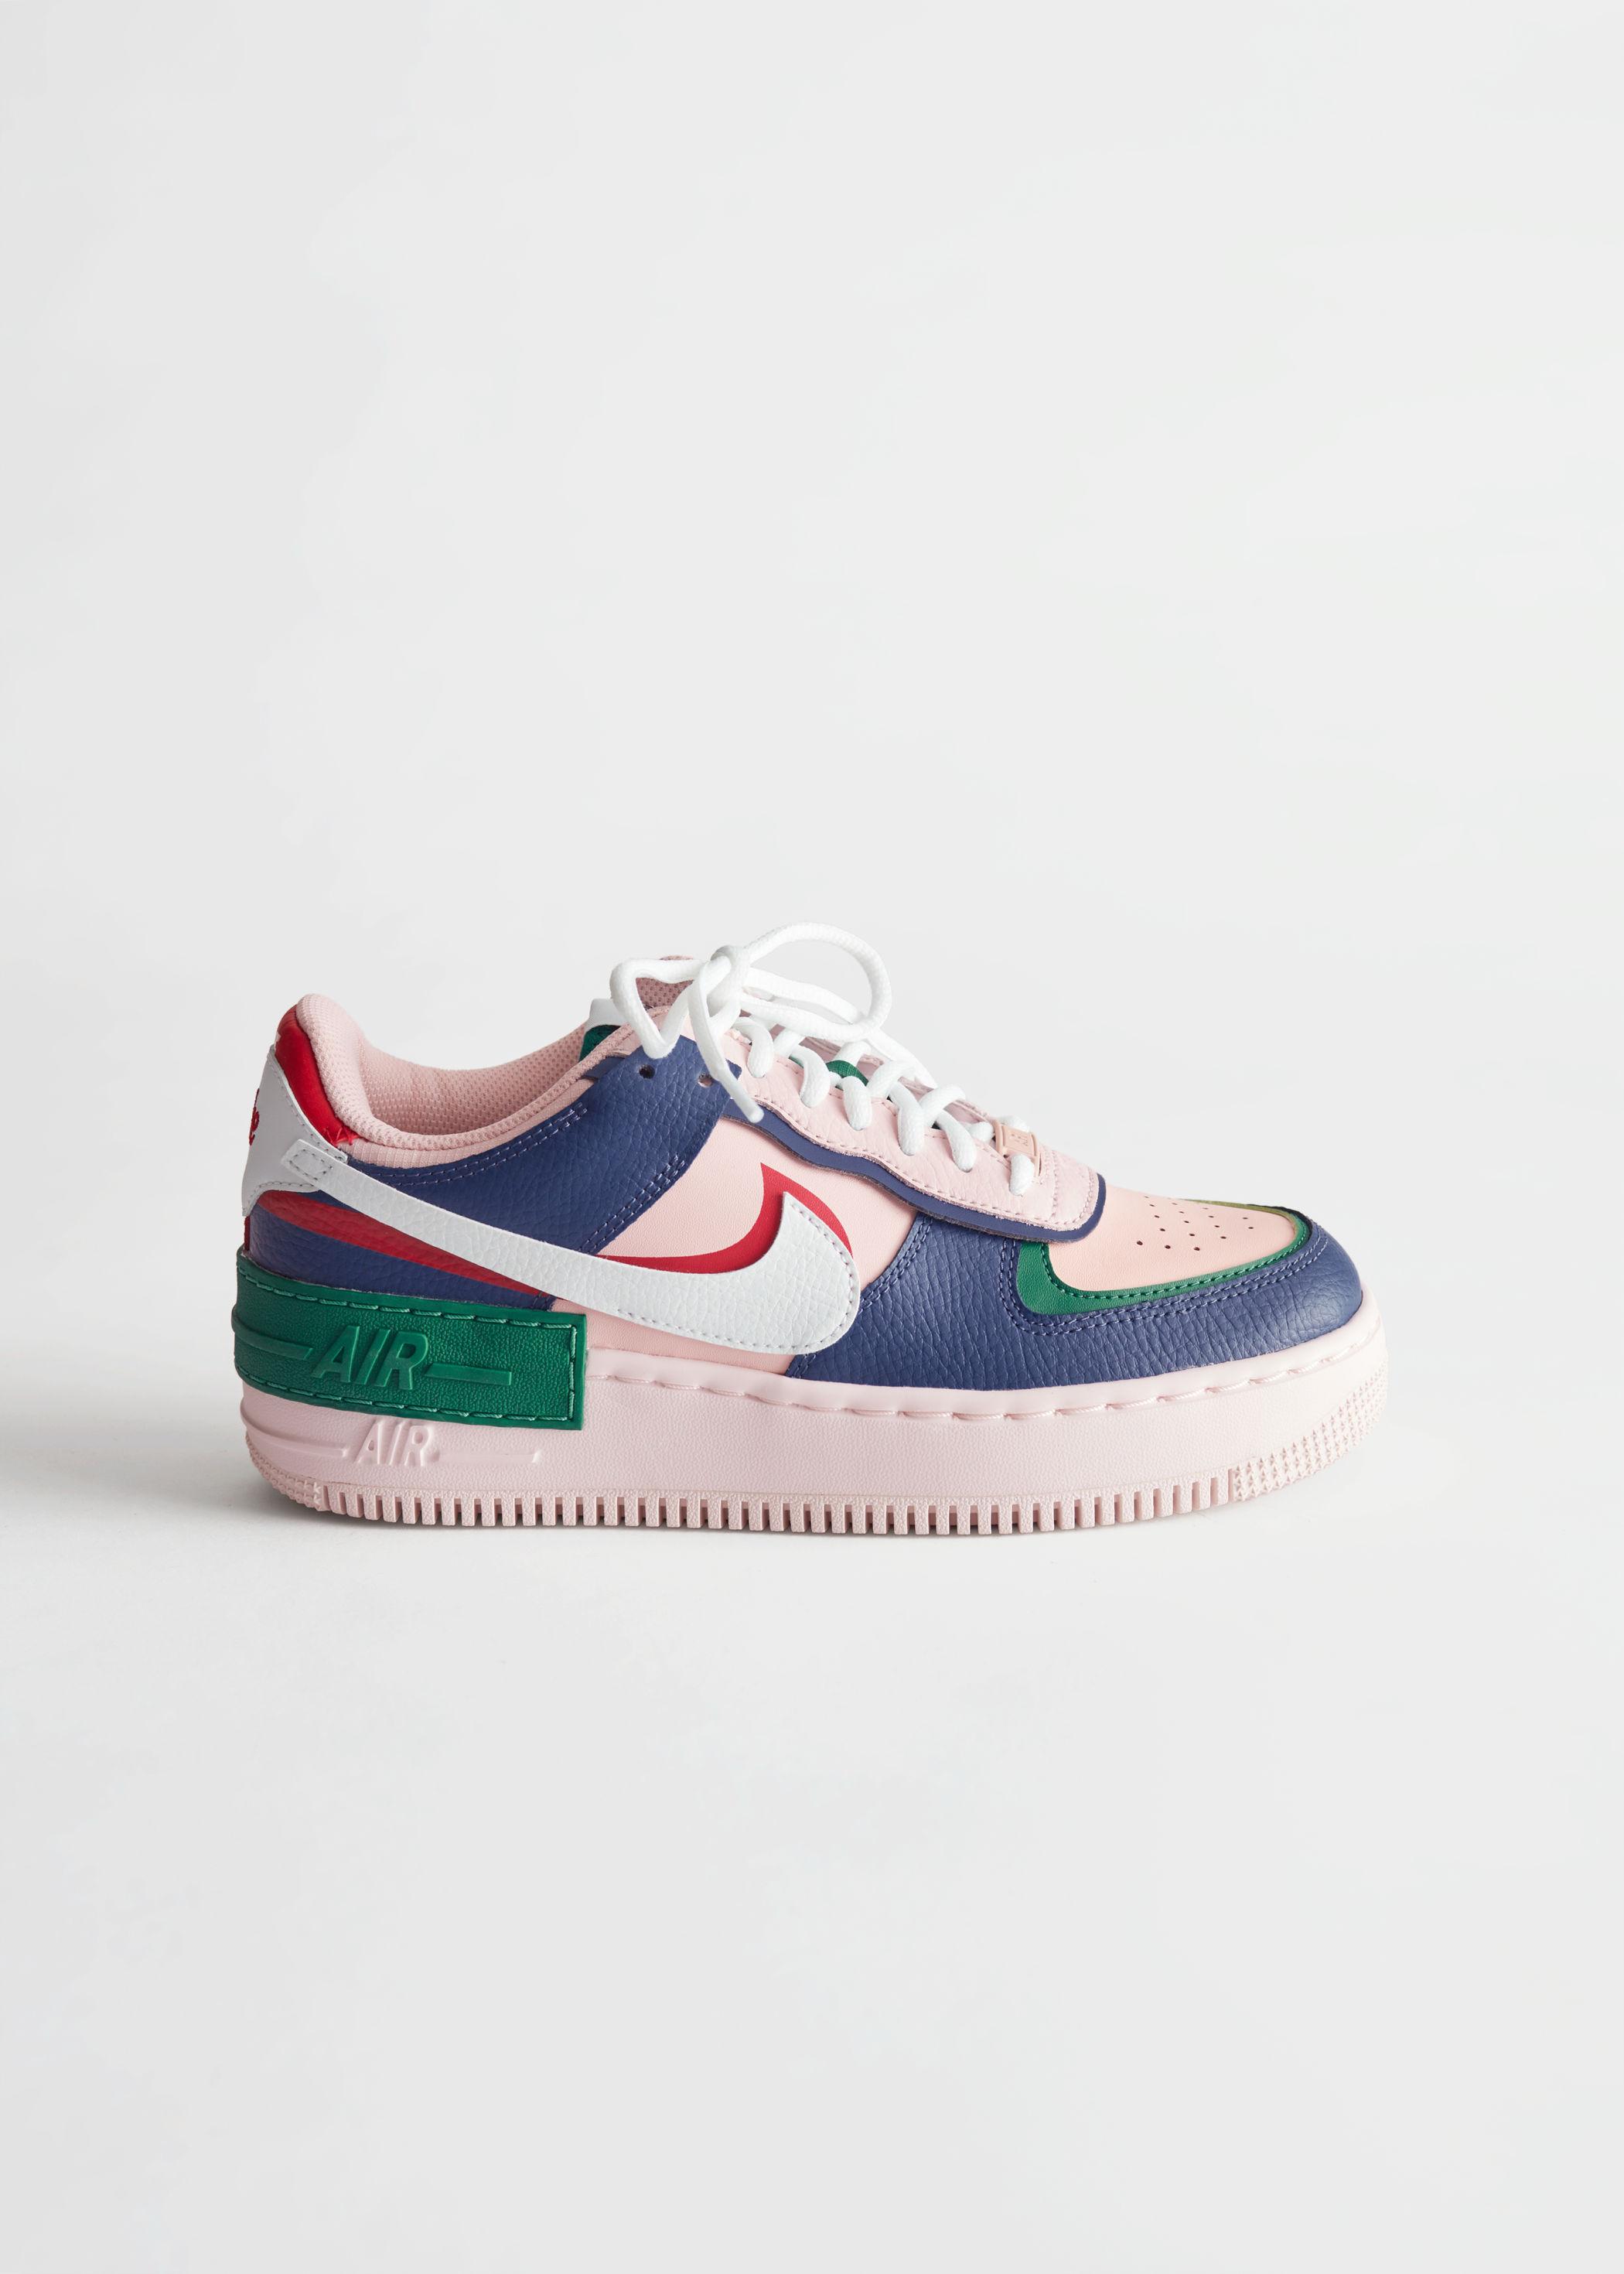 air force 1 colour